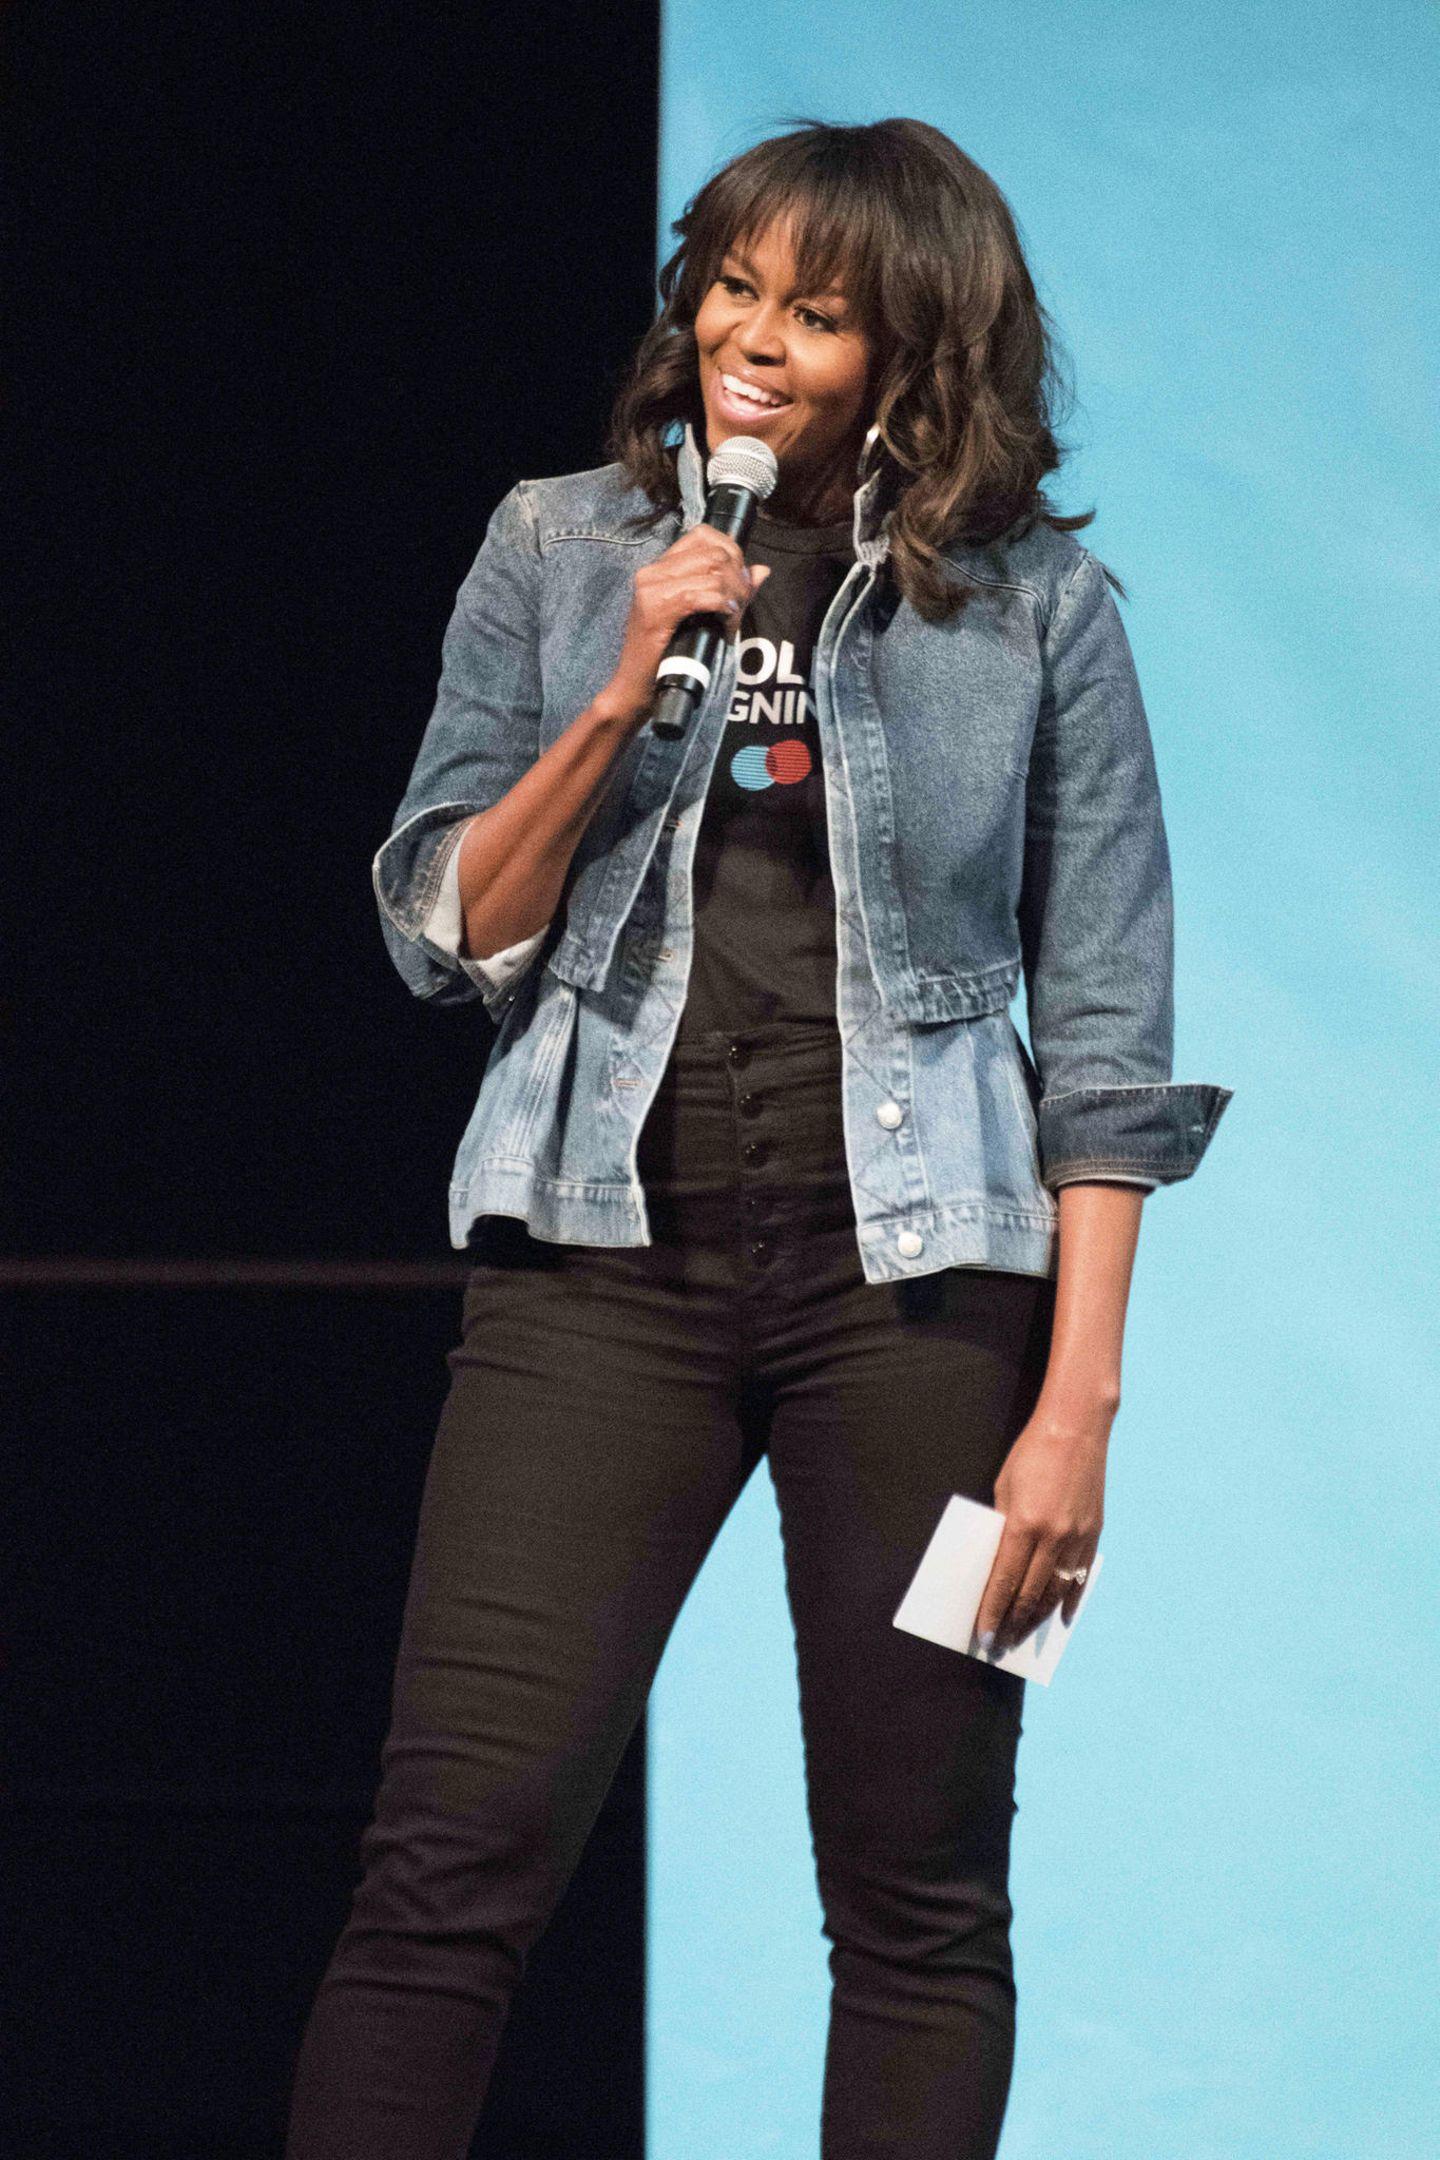 Lange haben wir die ehemalige First Lady Michelle Obama nicht mehr gesehen. Nun zeigt sie sich beim College Signing Day in Pennsylvania und überrascht in einem ungewohnt lässigen Look. Michelle erscheint in einer schwarzen High-Waist-Hose, T-Shirt und Jeansjacke. Ihr Haar trägt sie offen, gelockt und mit Pony.